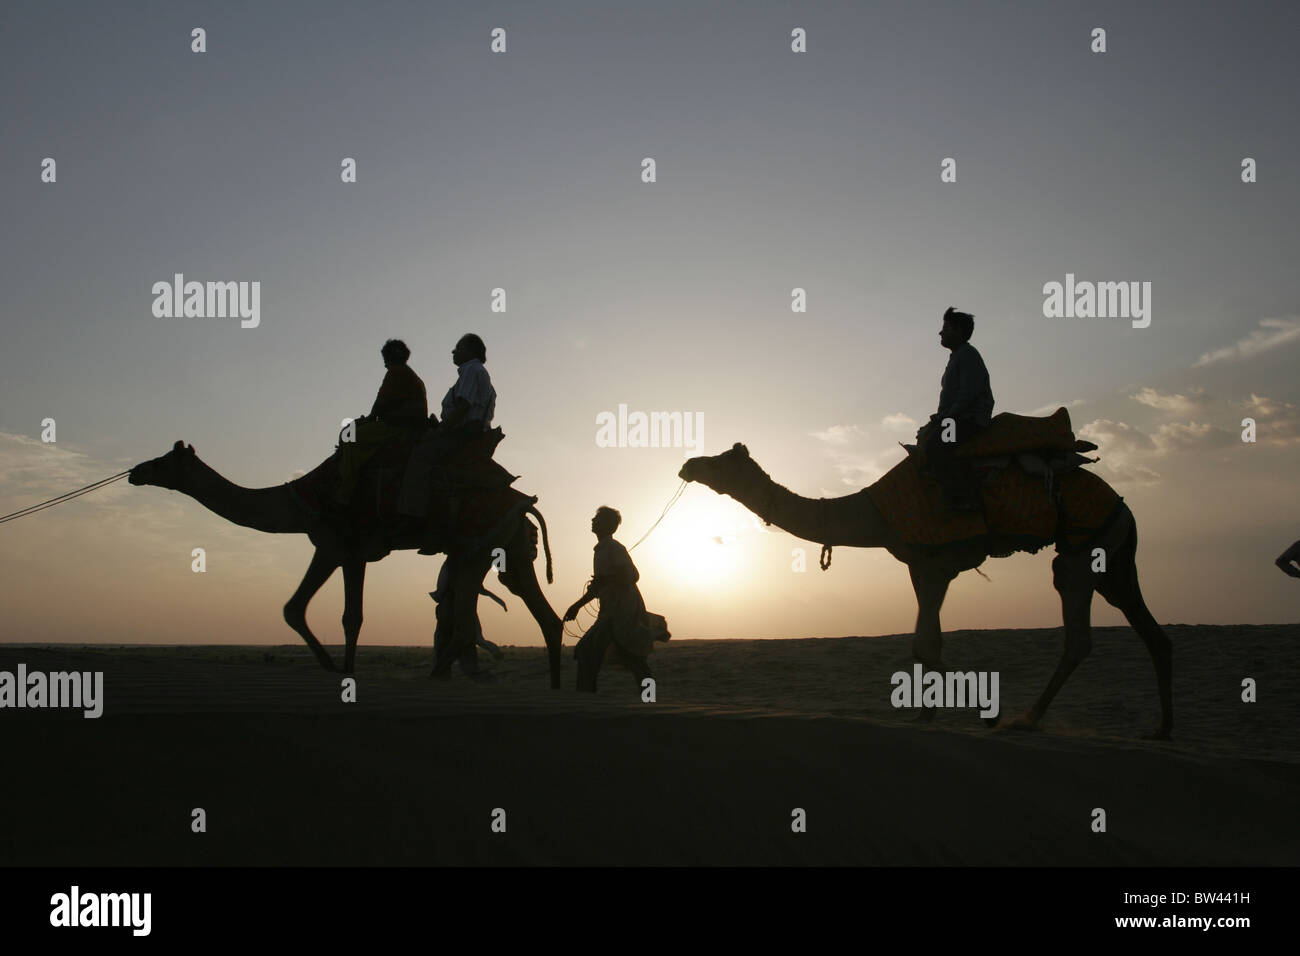 Il turista a godere di una corsa in cammello al Sam, Jaisalmer, Rajasthan, India. Immagini Stock